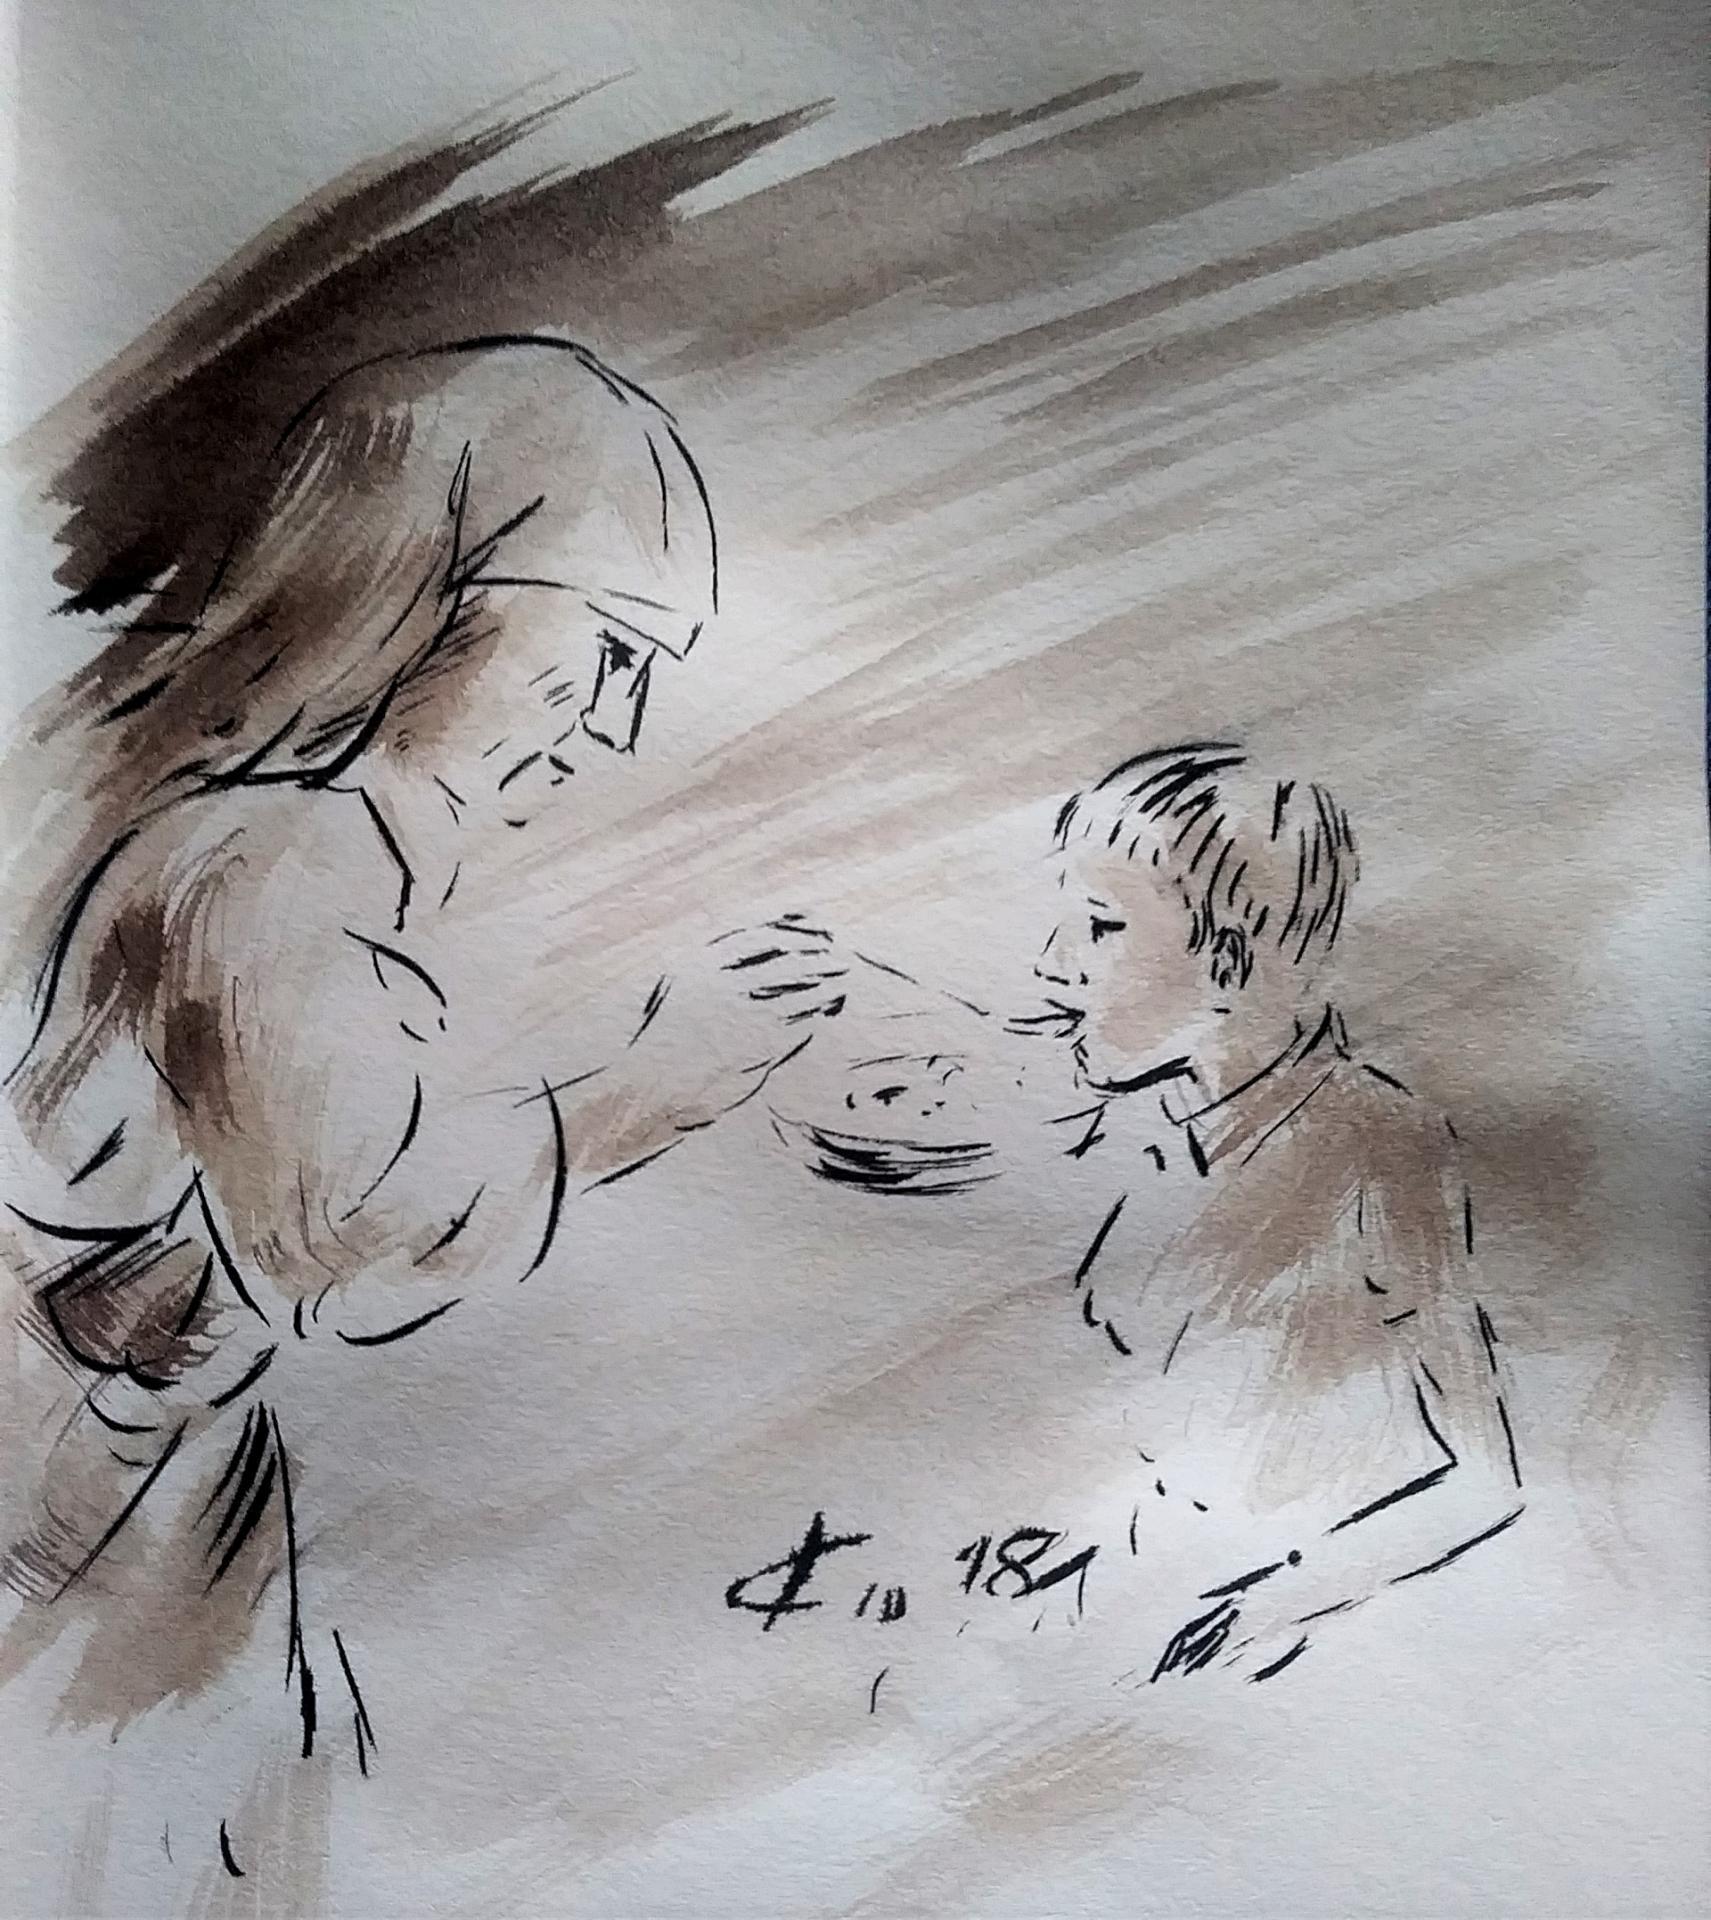 30 Mai 2018, évangile du jour illustré par un dessin au lavis